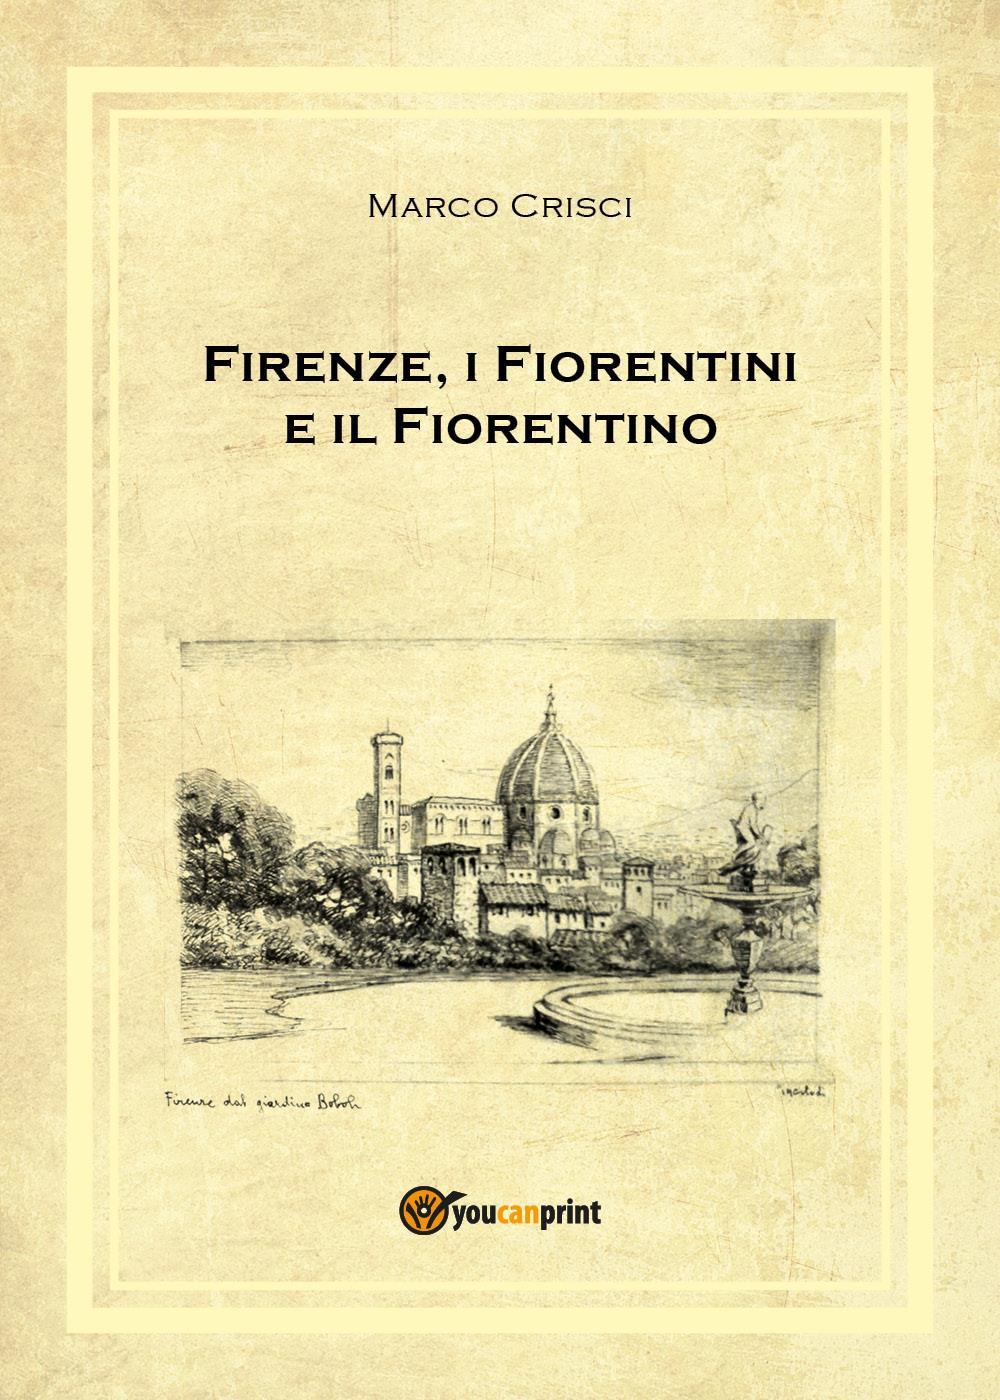 Firenze, i Fiorentini e il Fiorentino